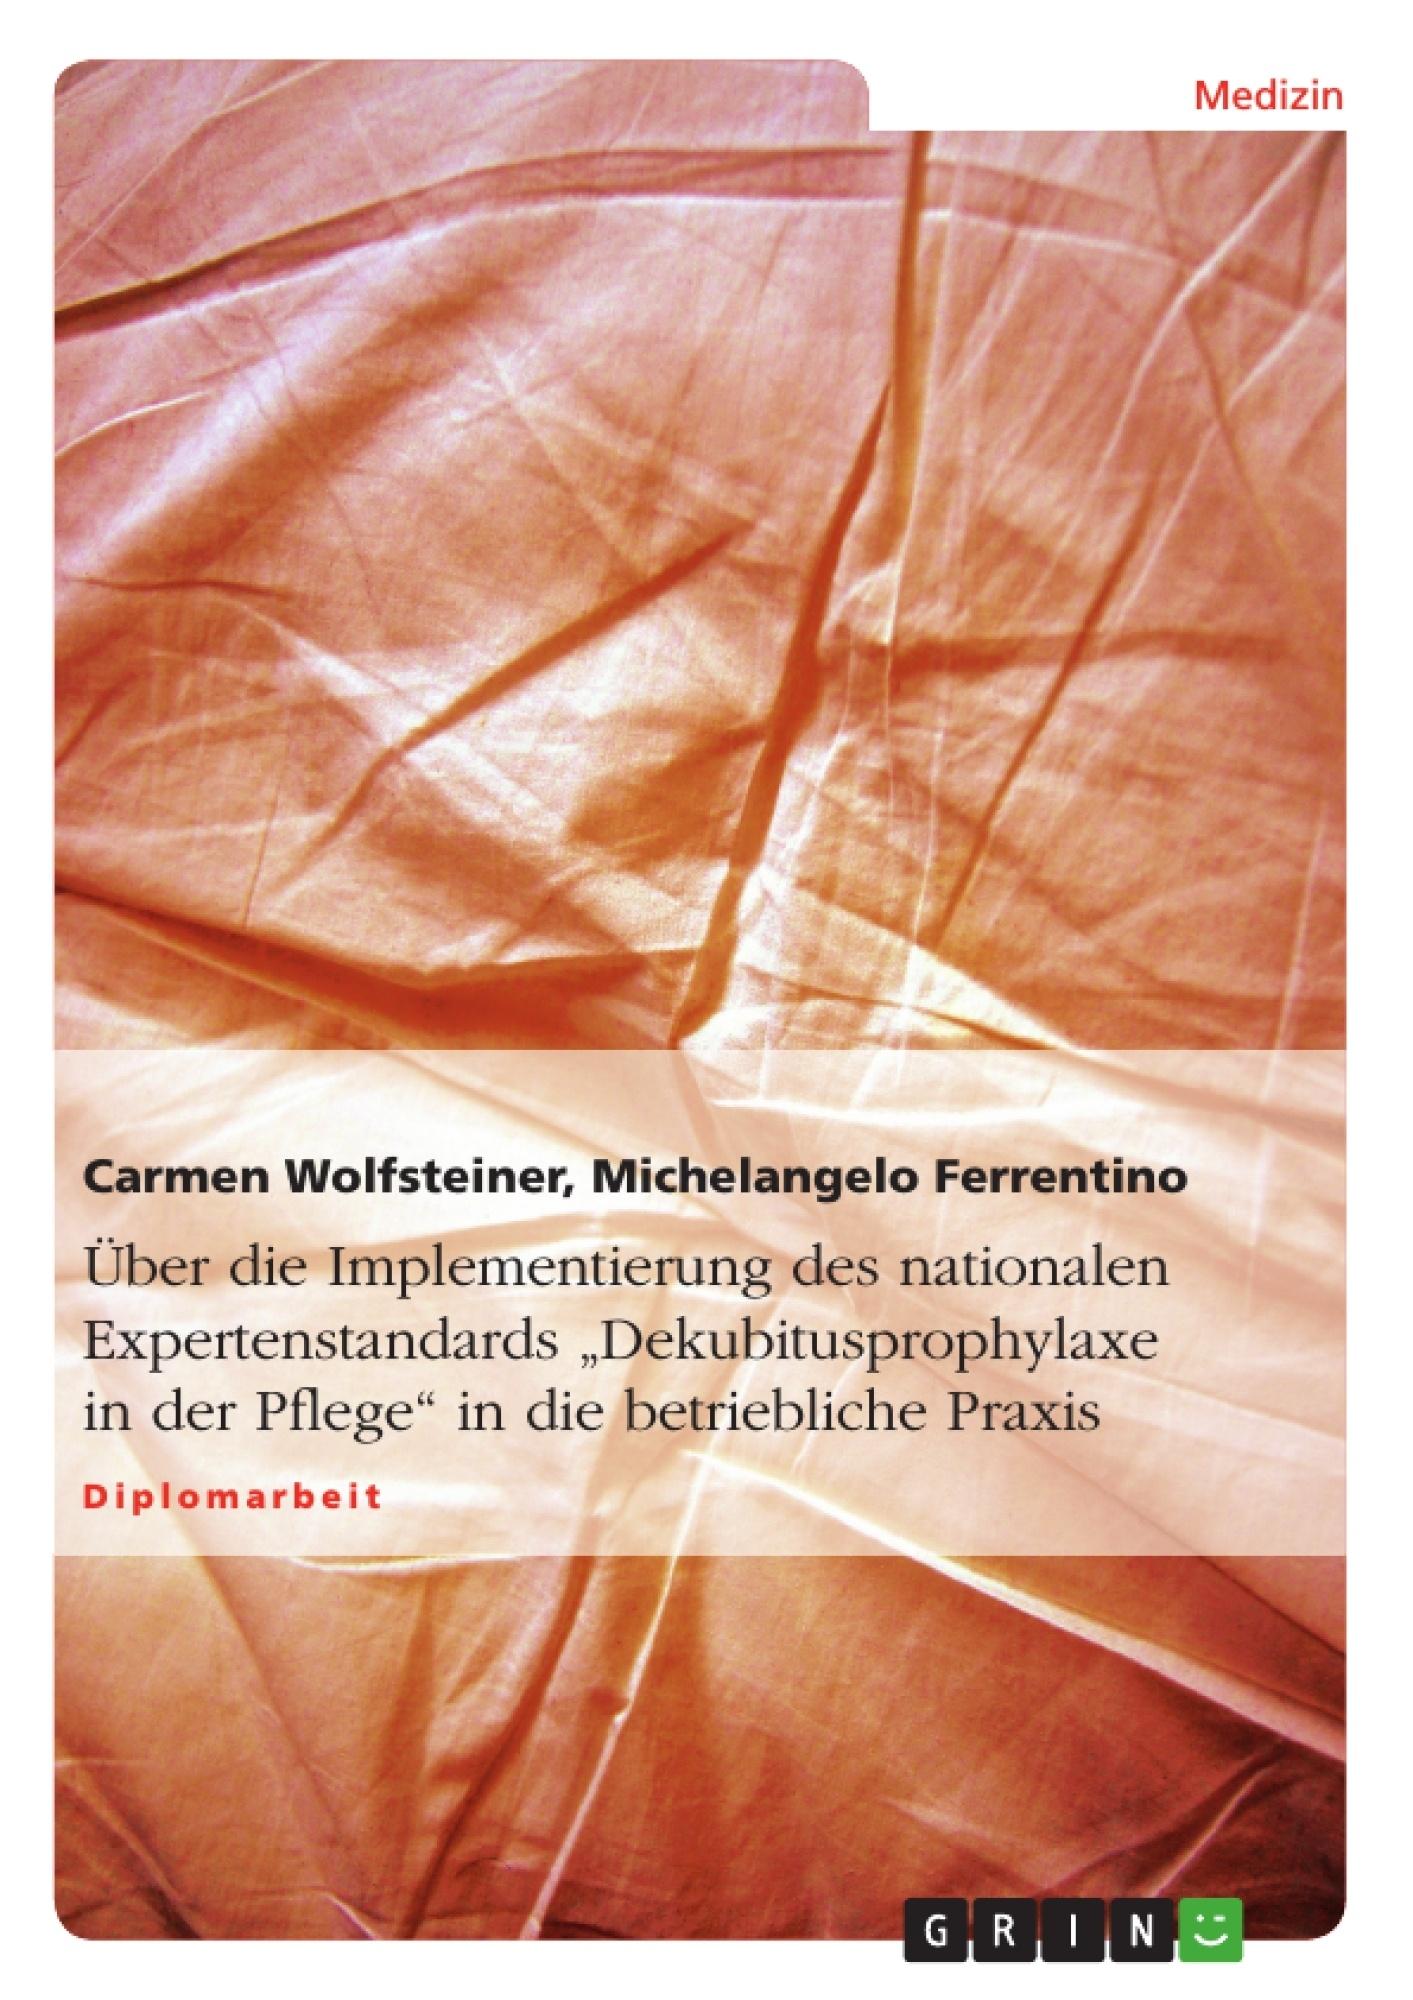 """Titel: Über die Implementierung des nationalen Expertenstandards """"Dekubitusprophylaxe in der Pflege"""" in die betriebliche Praxis"""